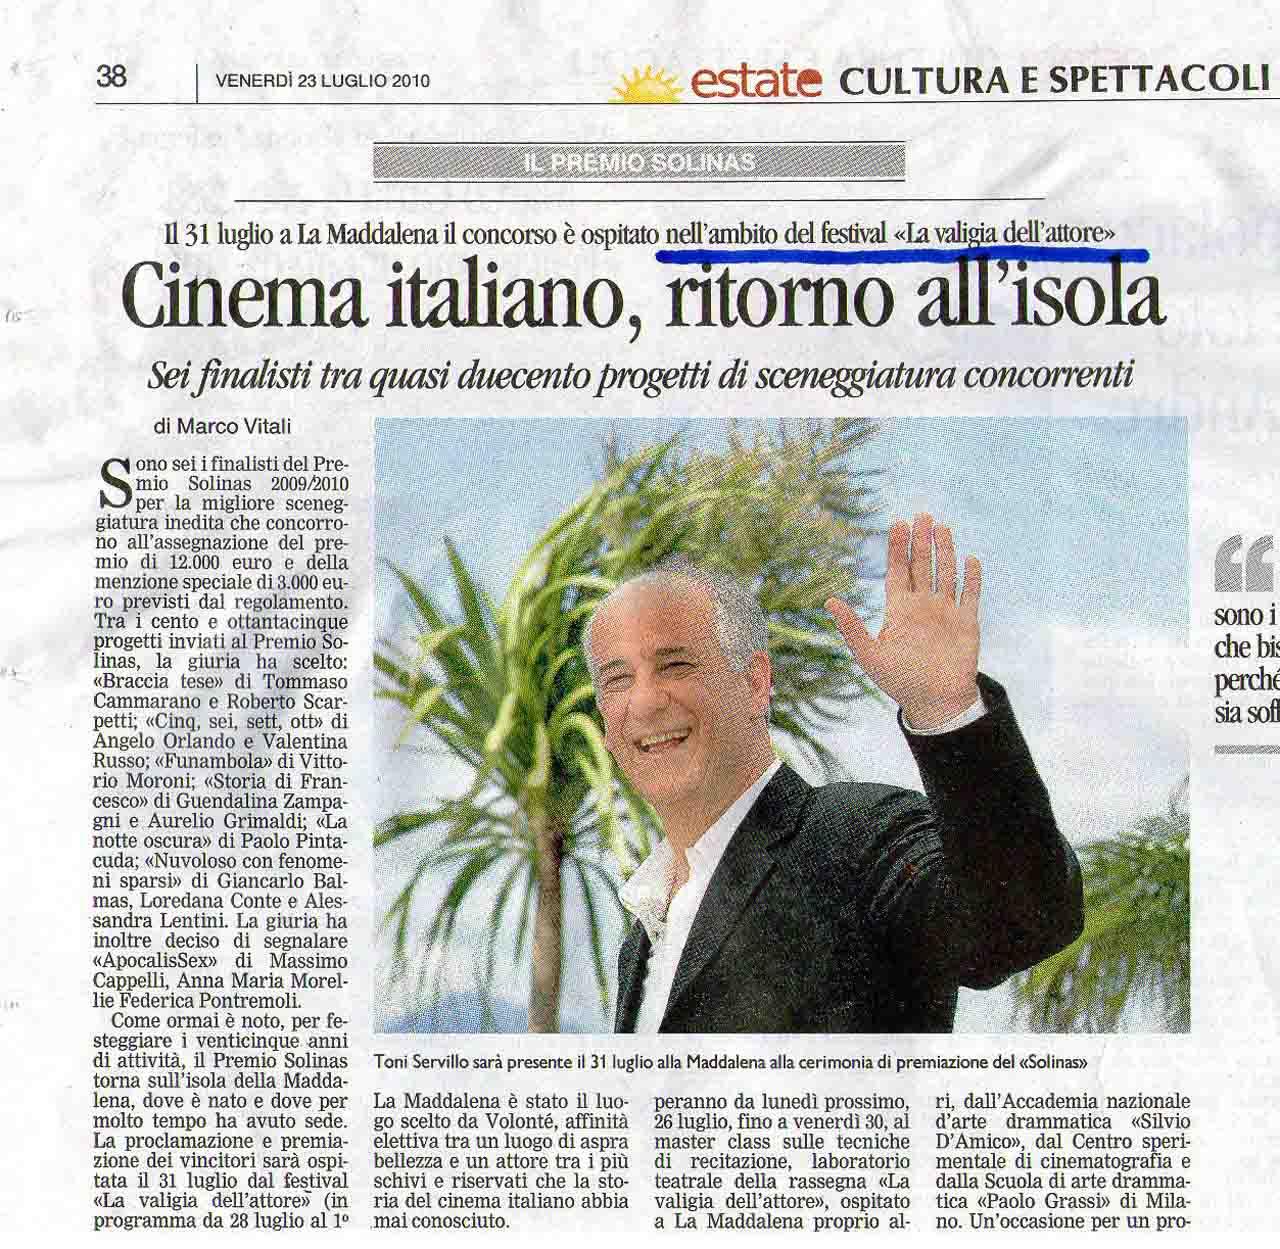 23-07-2010 (2) La Nuova Sardegna